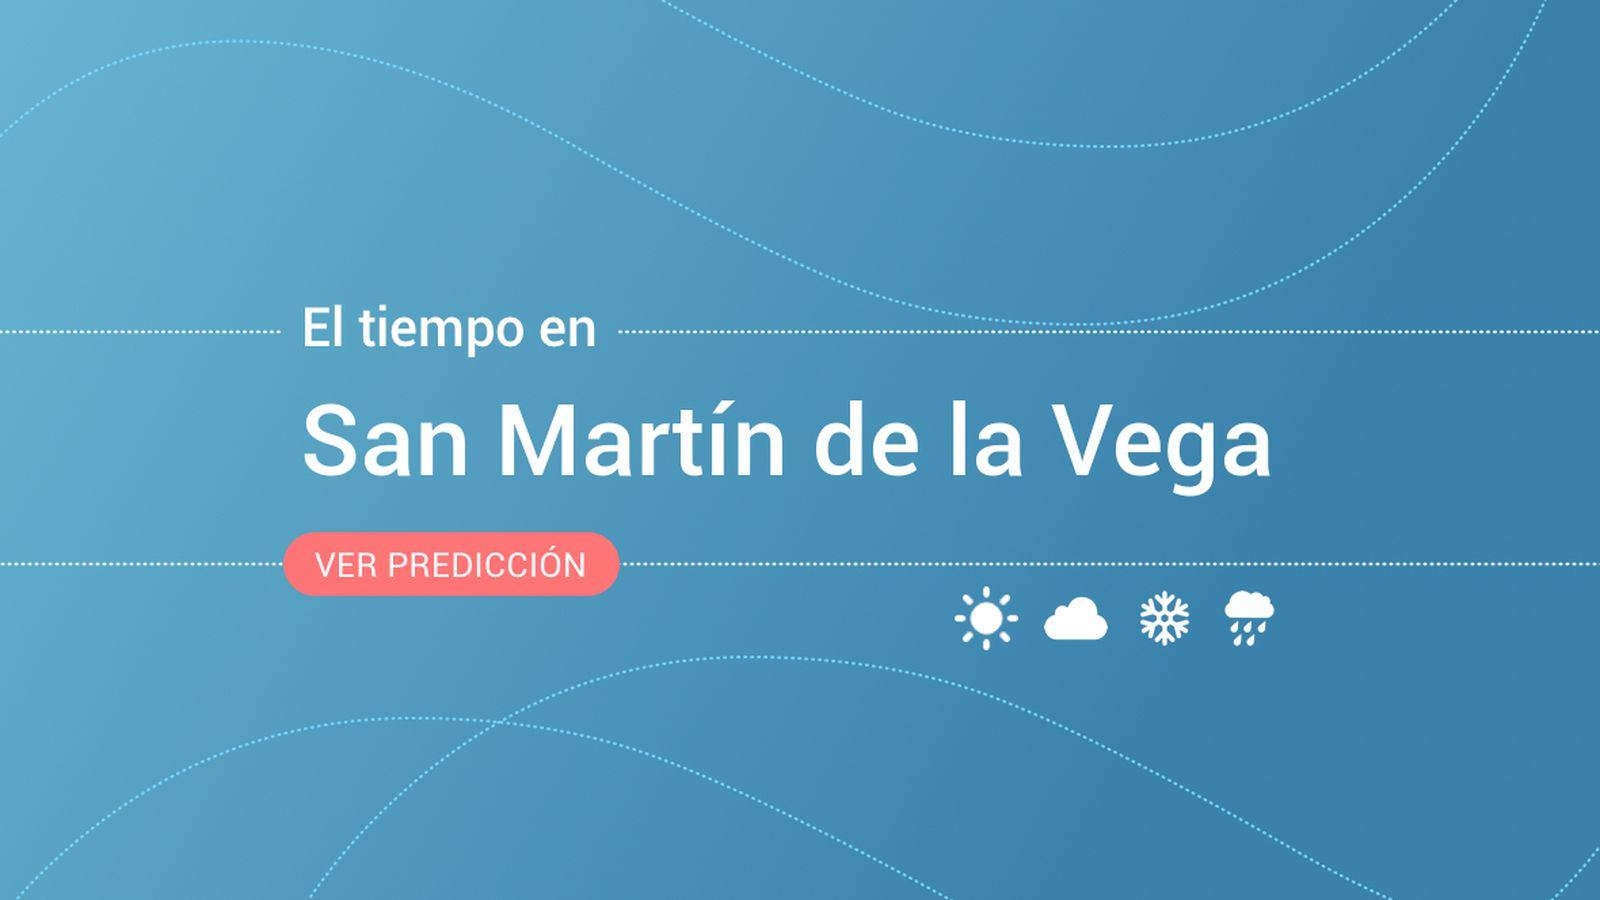 Foto: El tiempo en San Martín de la Vega. (EC)